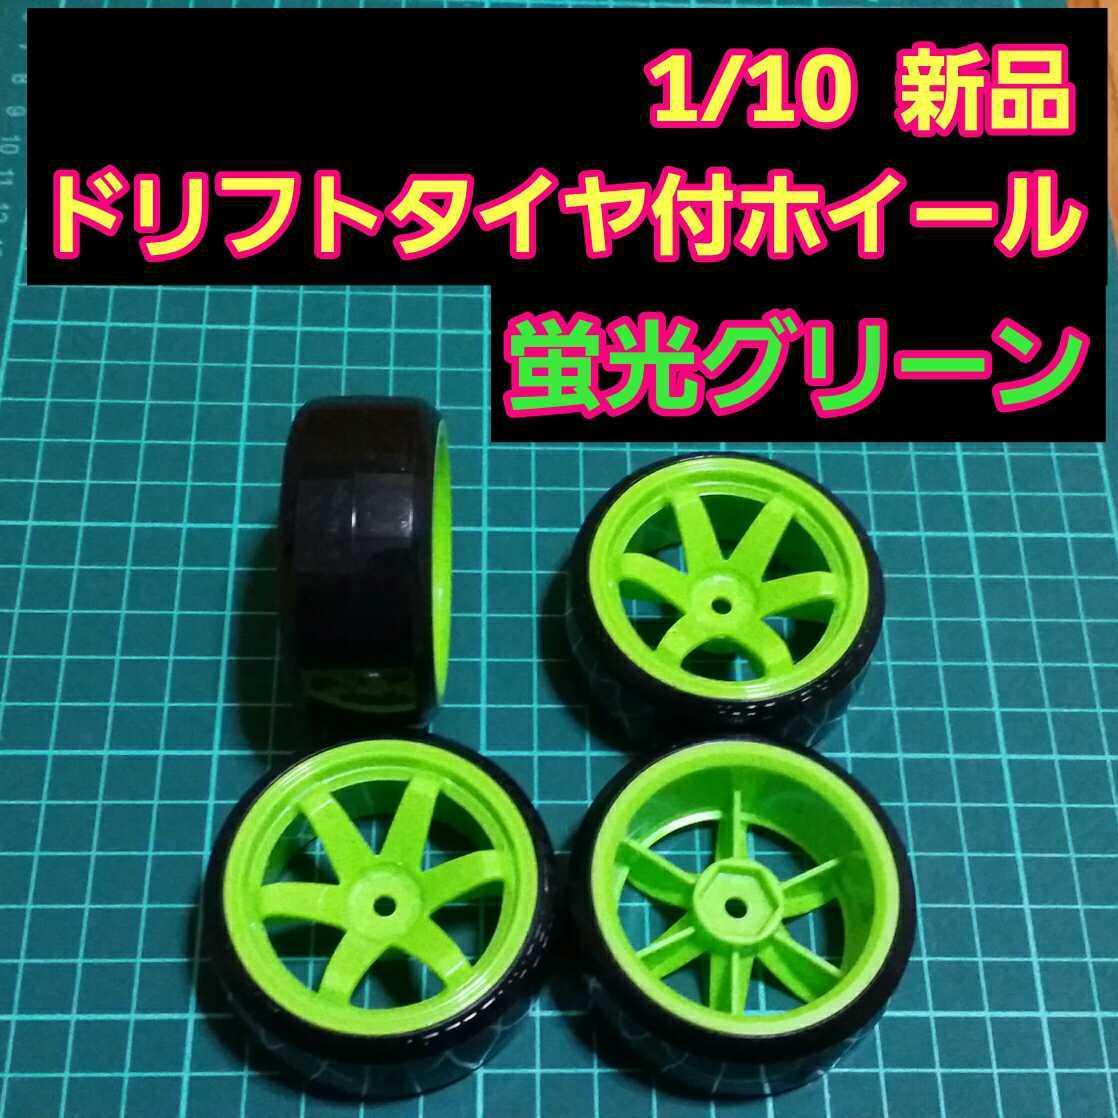 即決《送料無料》  ドリフト タイヤ 4本 付 ホイール ■蛍光グリーン■ ヨコモ タミヤ ラジコン ドリパケ タミヤ TT01 TT02 YD-2